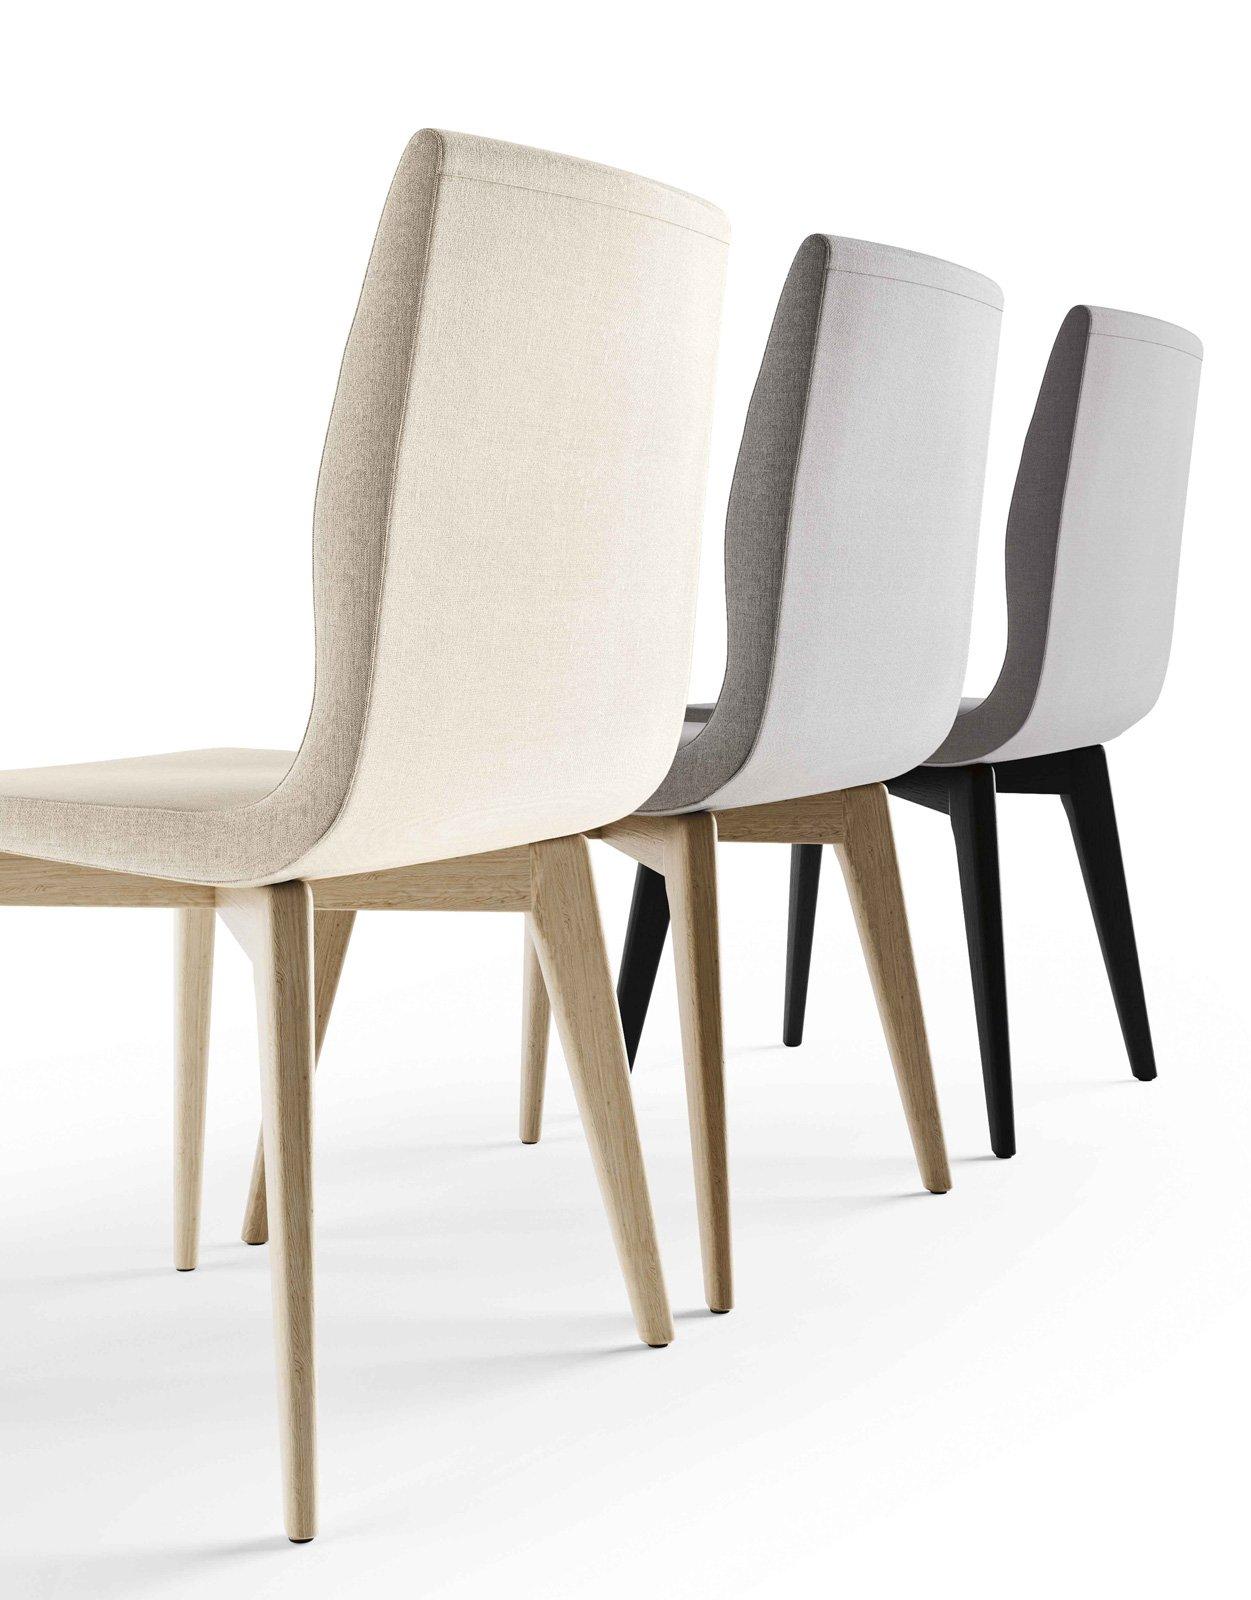 Tavoli e sedie in legno linee contemporanee nel solco for Sedie contemporanee